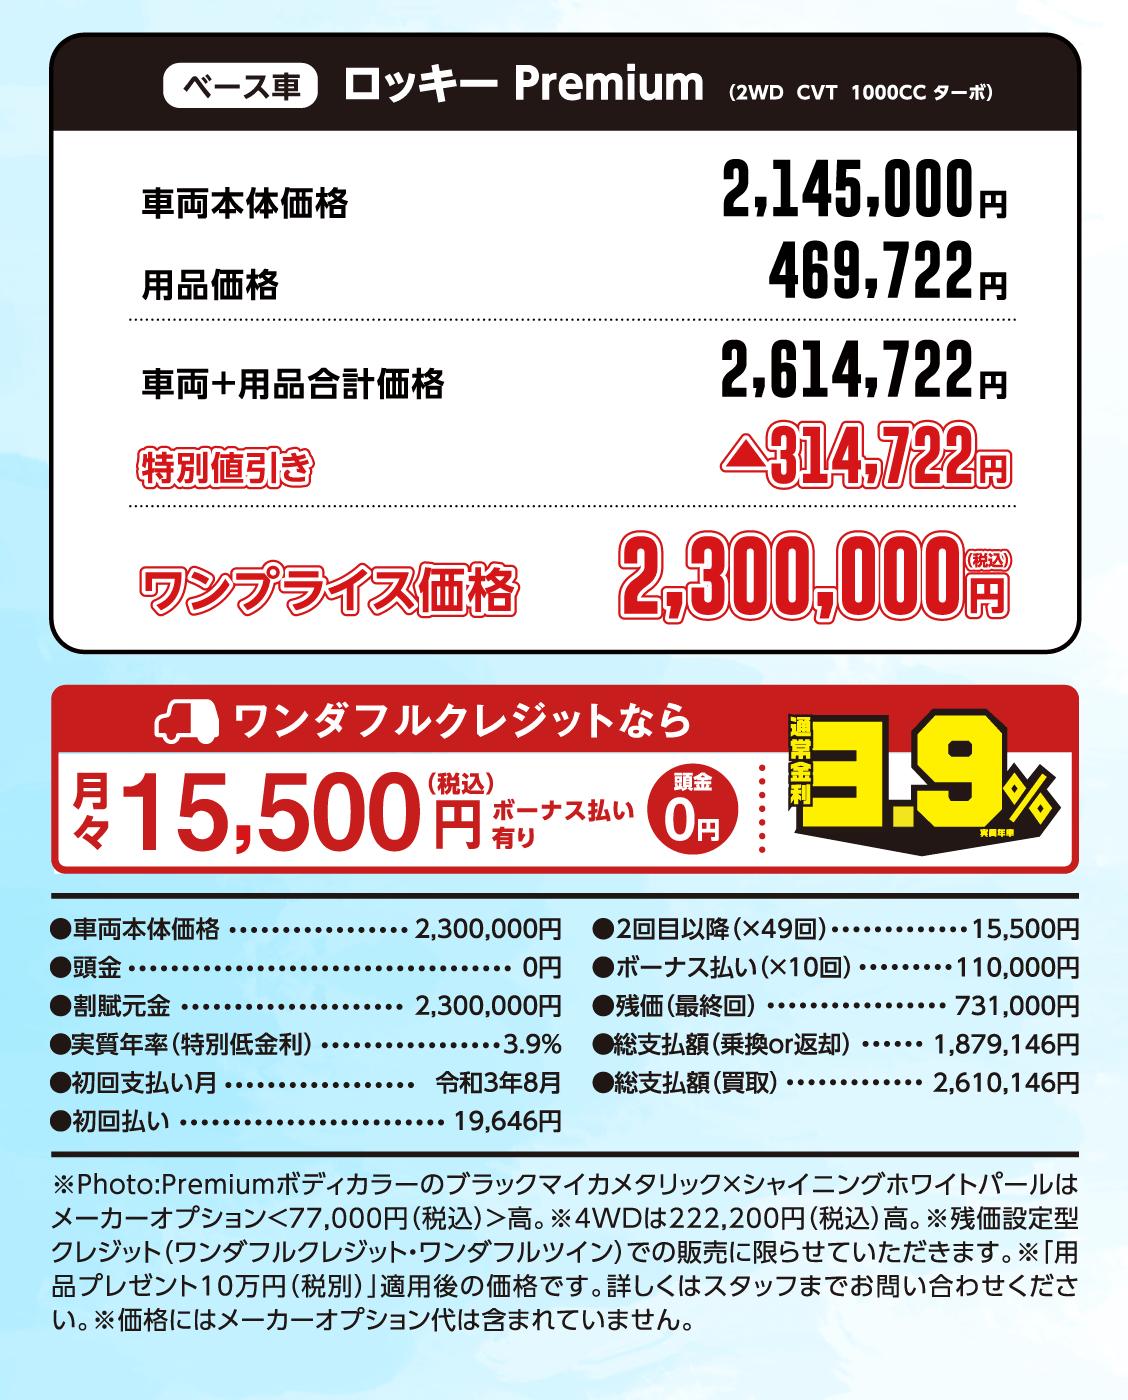 ロッキー Premium エディション ワンプライス価格